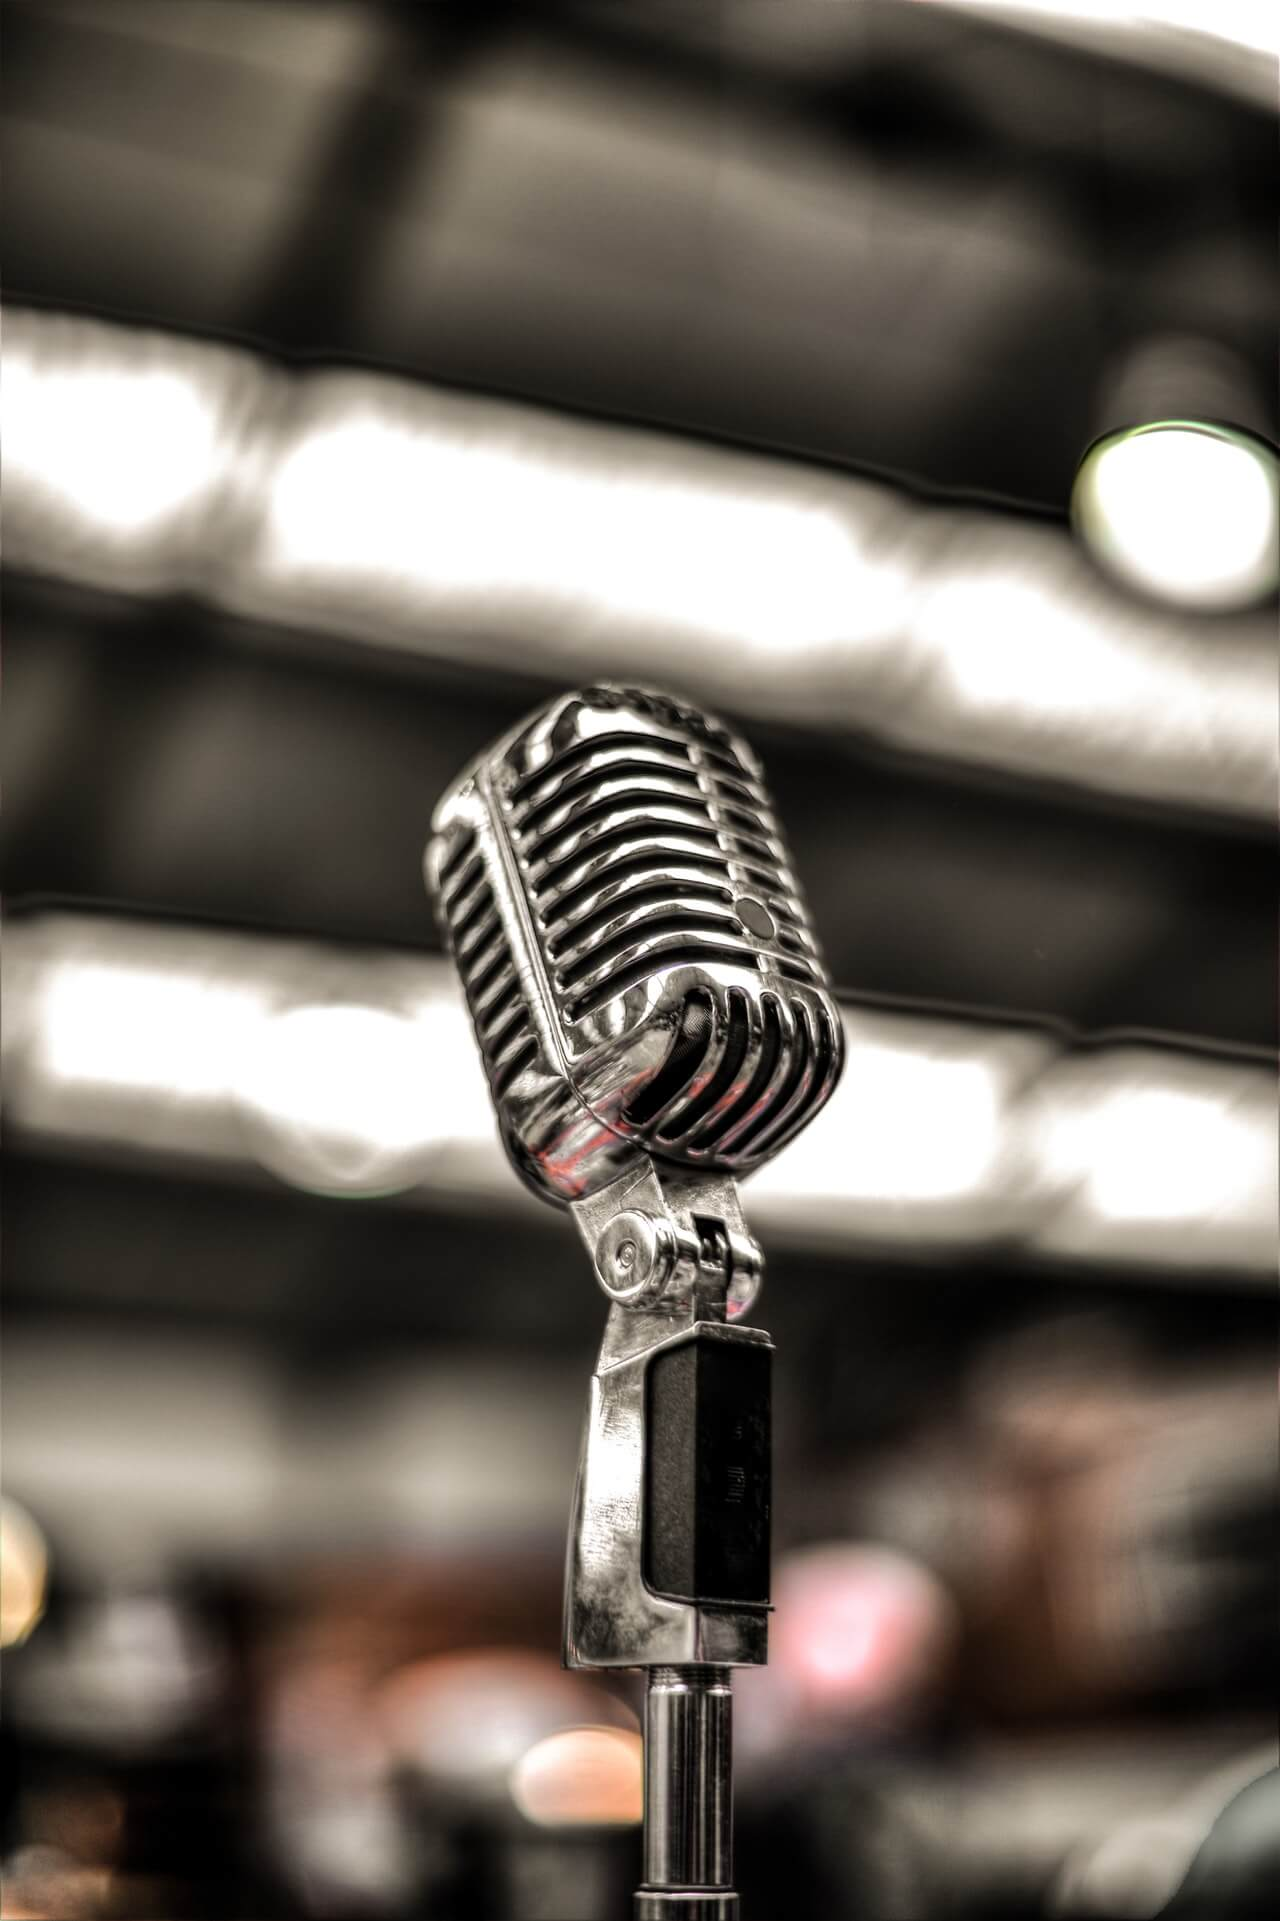 Kurs: Şan Başlangıç ve Ses Koçluğu Eğitimi